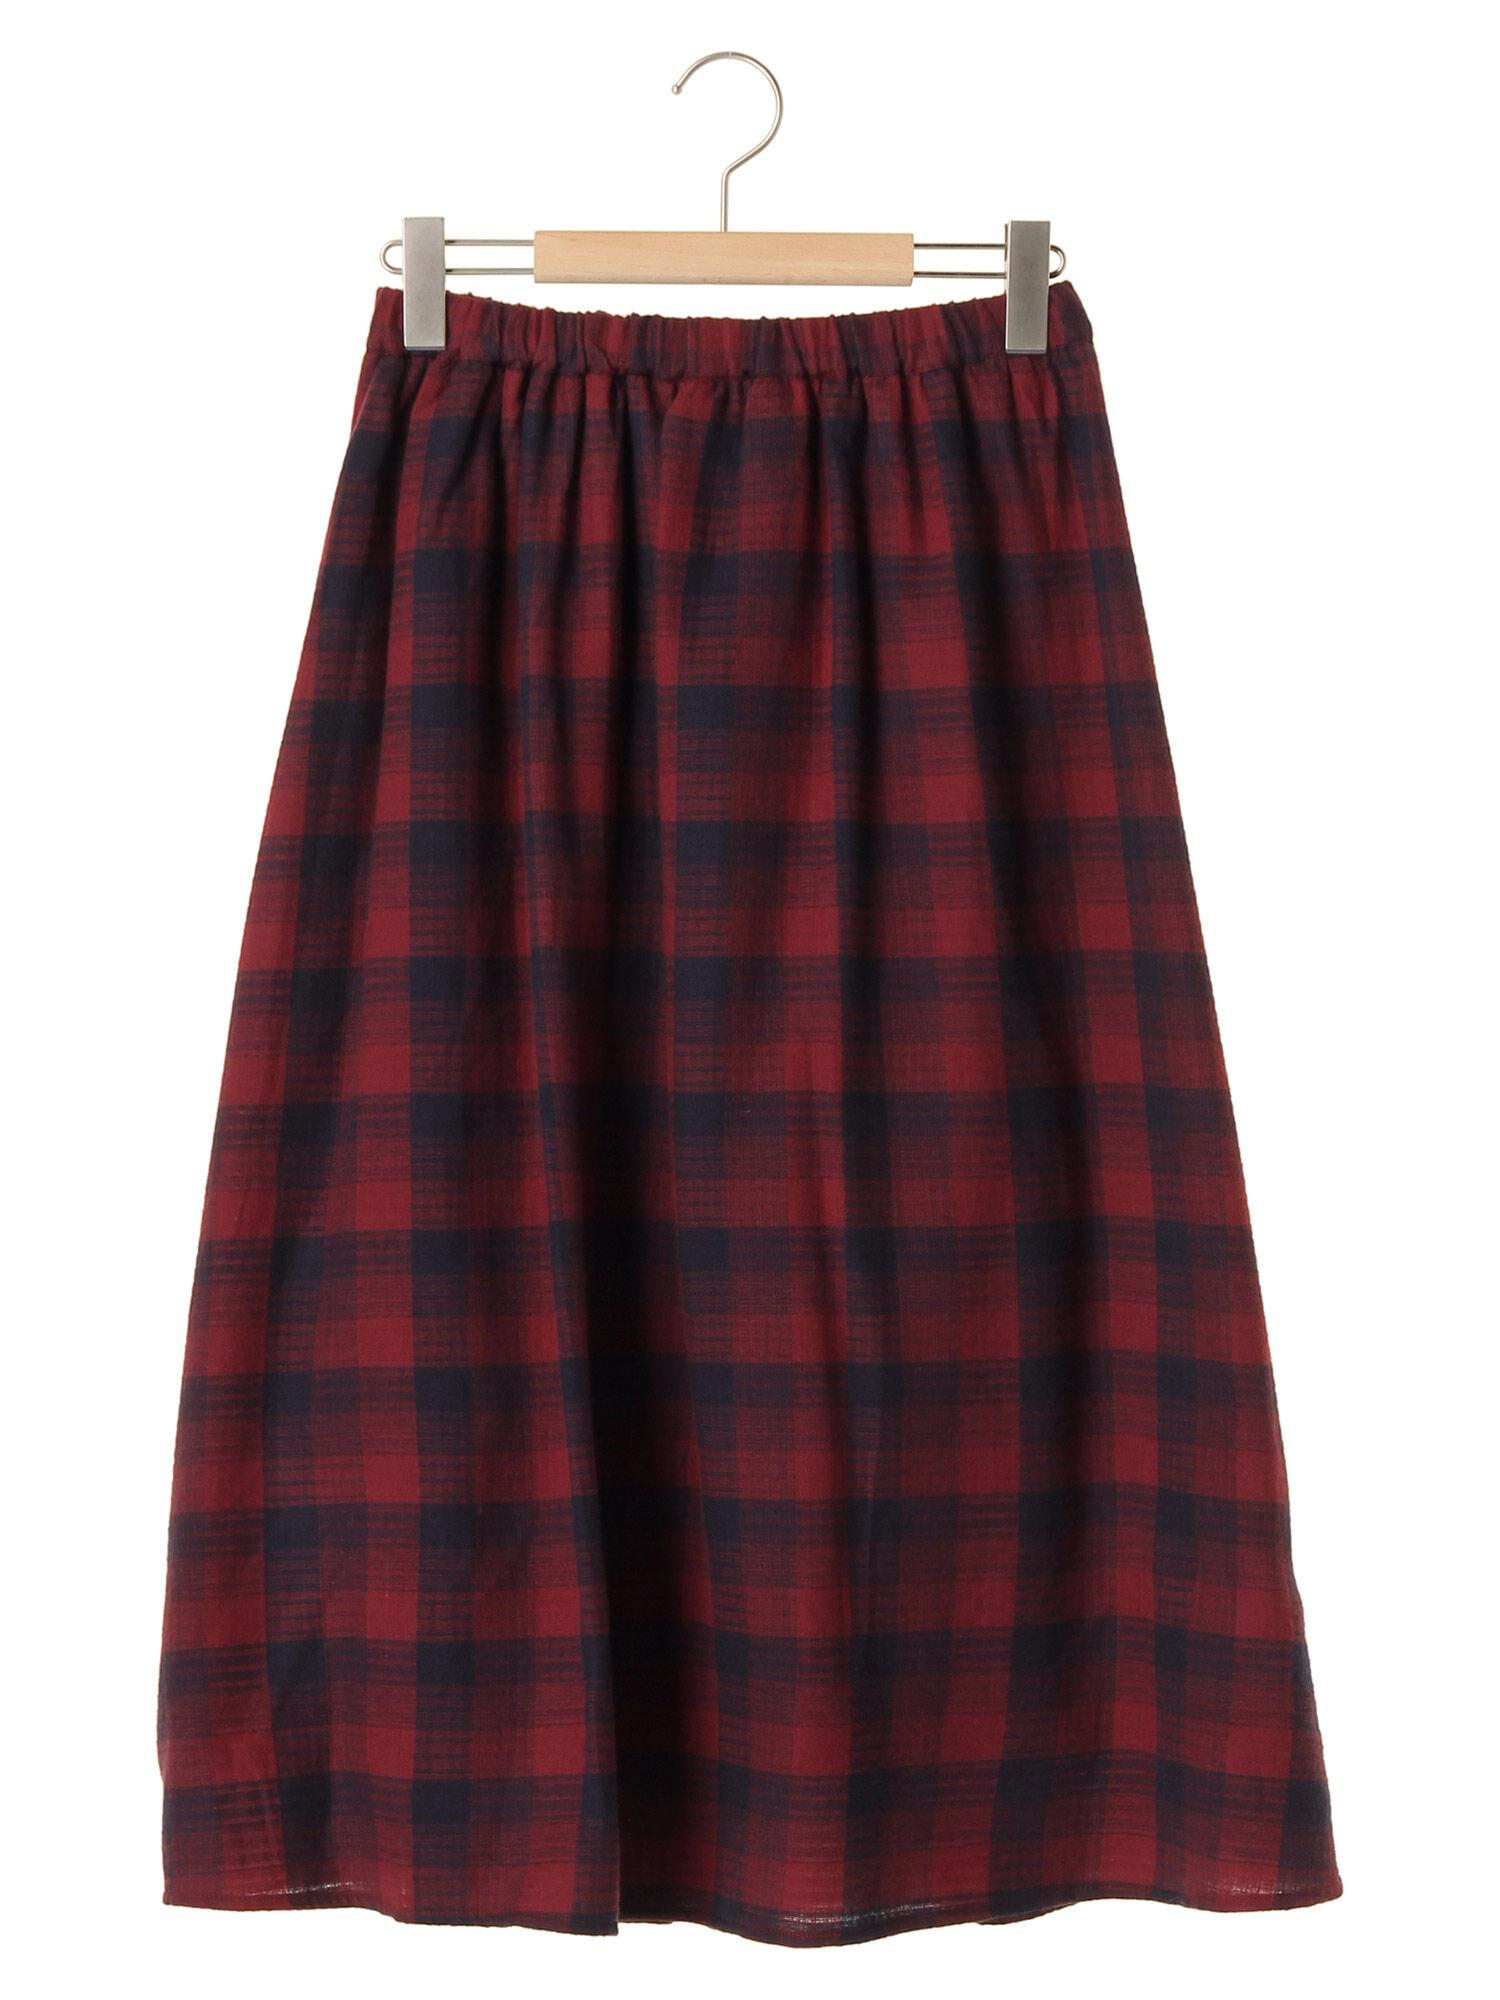 ドビーチェックギャザースカート